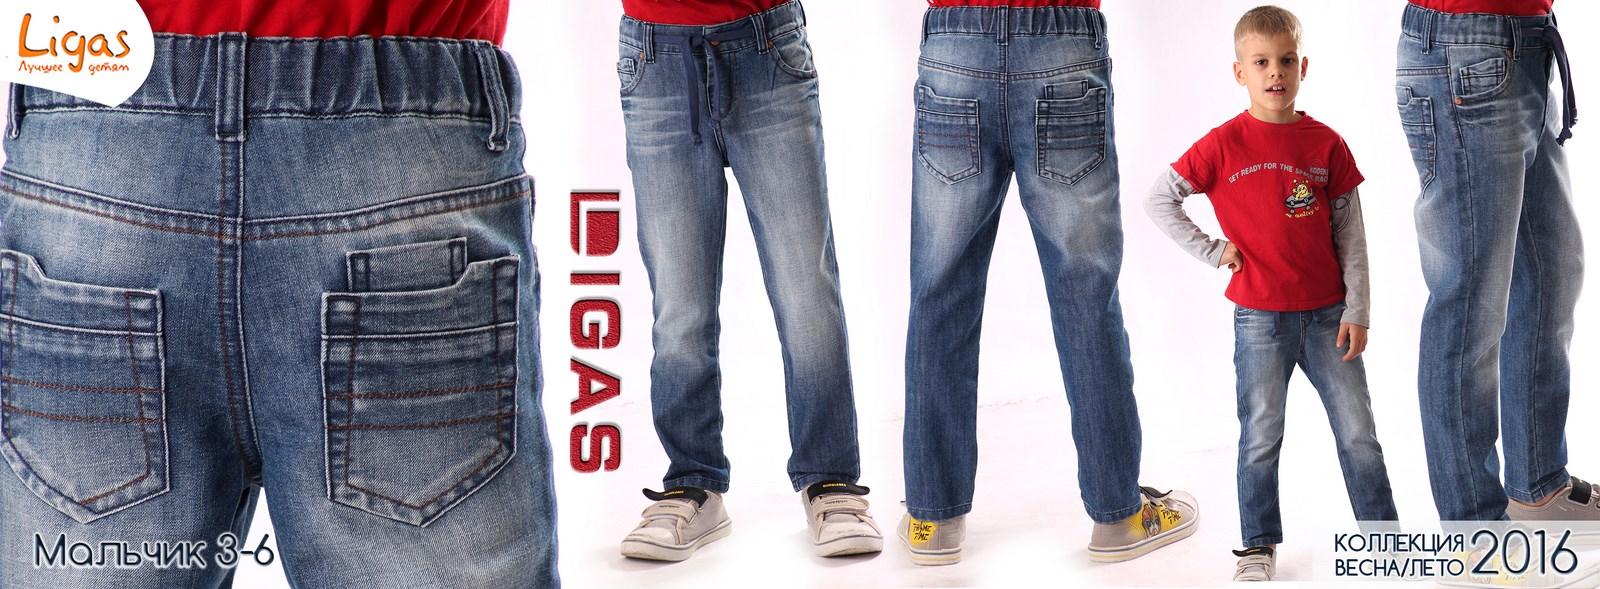 Сбор заказов-14. Распродажа коллекции прошлого года детской джинсовой и вельветовой одежды ТМ Ligas, Fabex, Republik